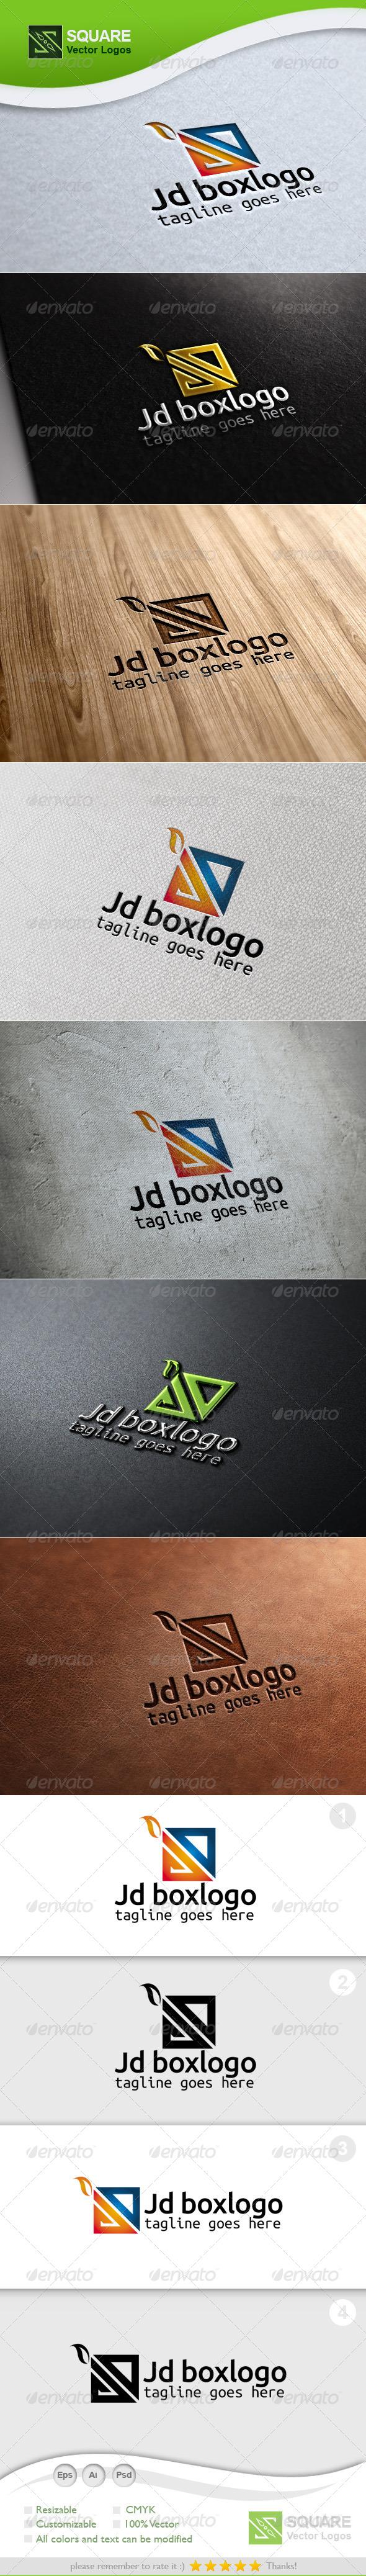 Logotipo para Tiendas de Estufas e Isntalación de Calderas.